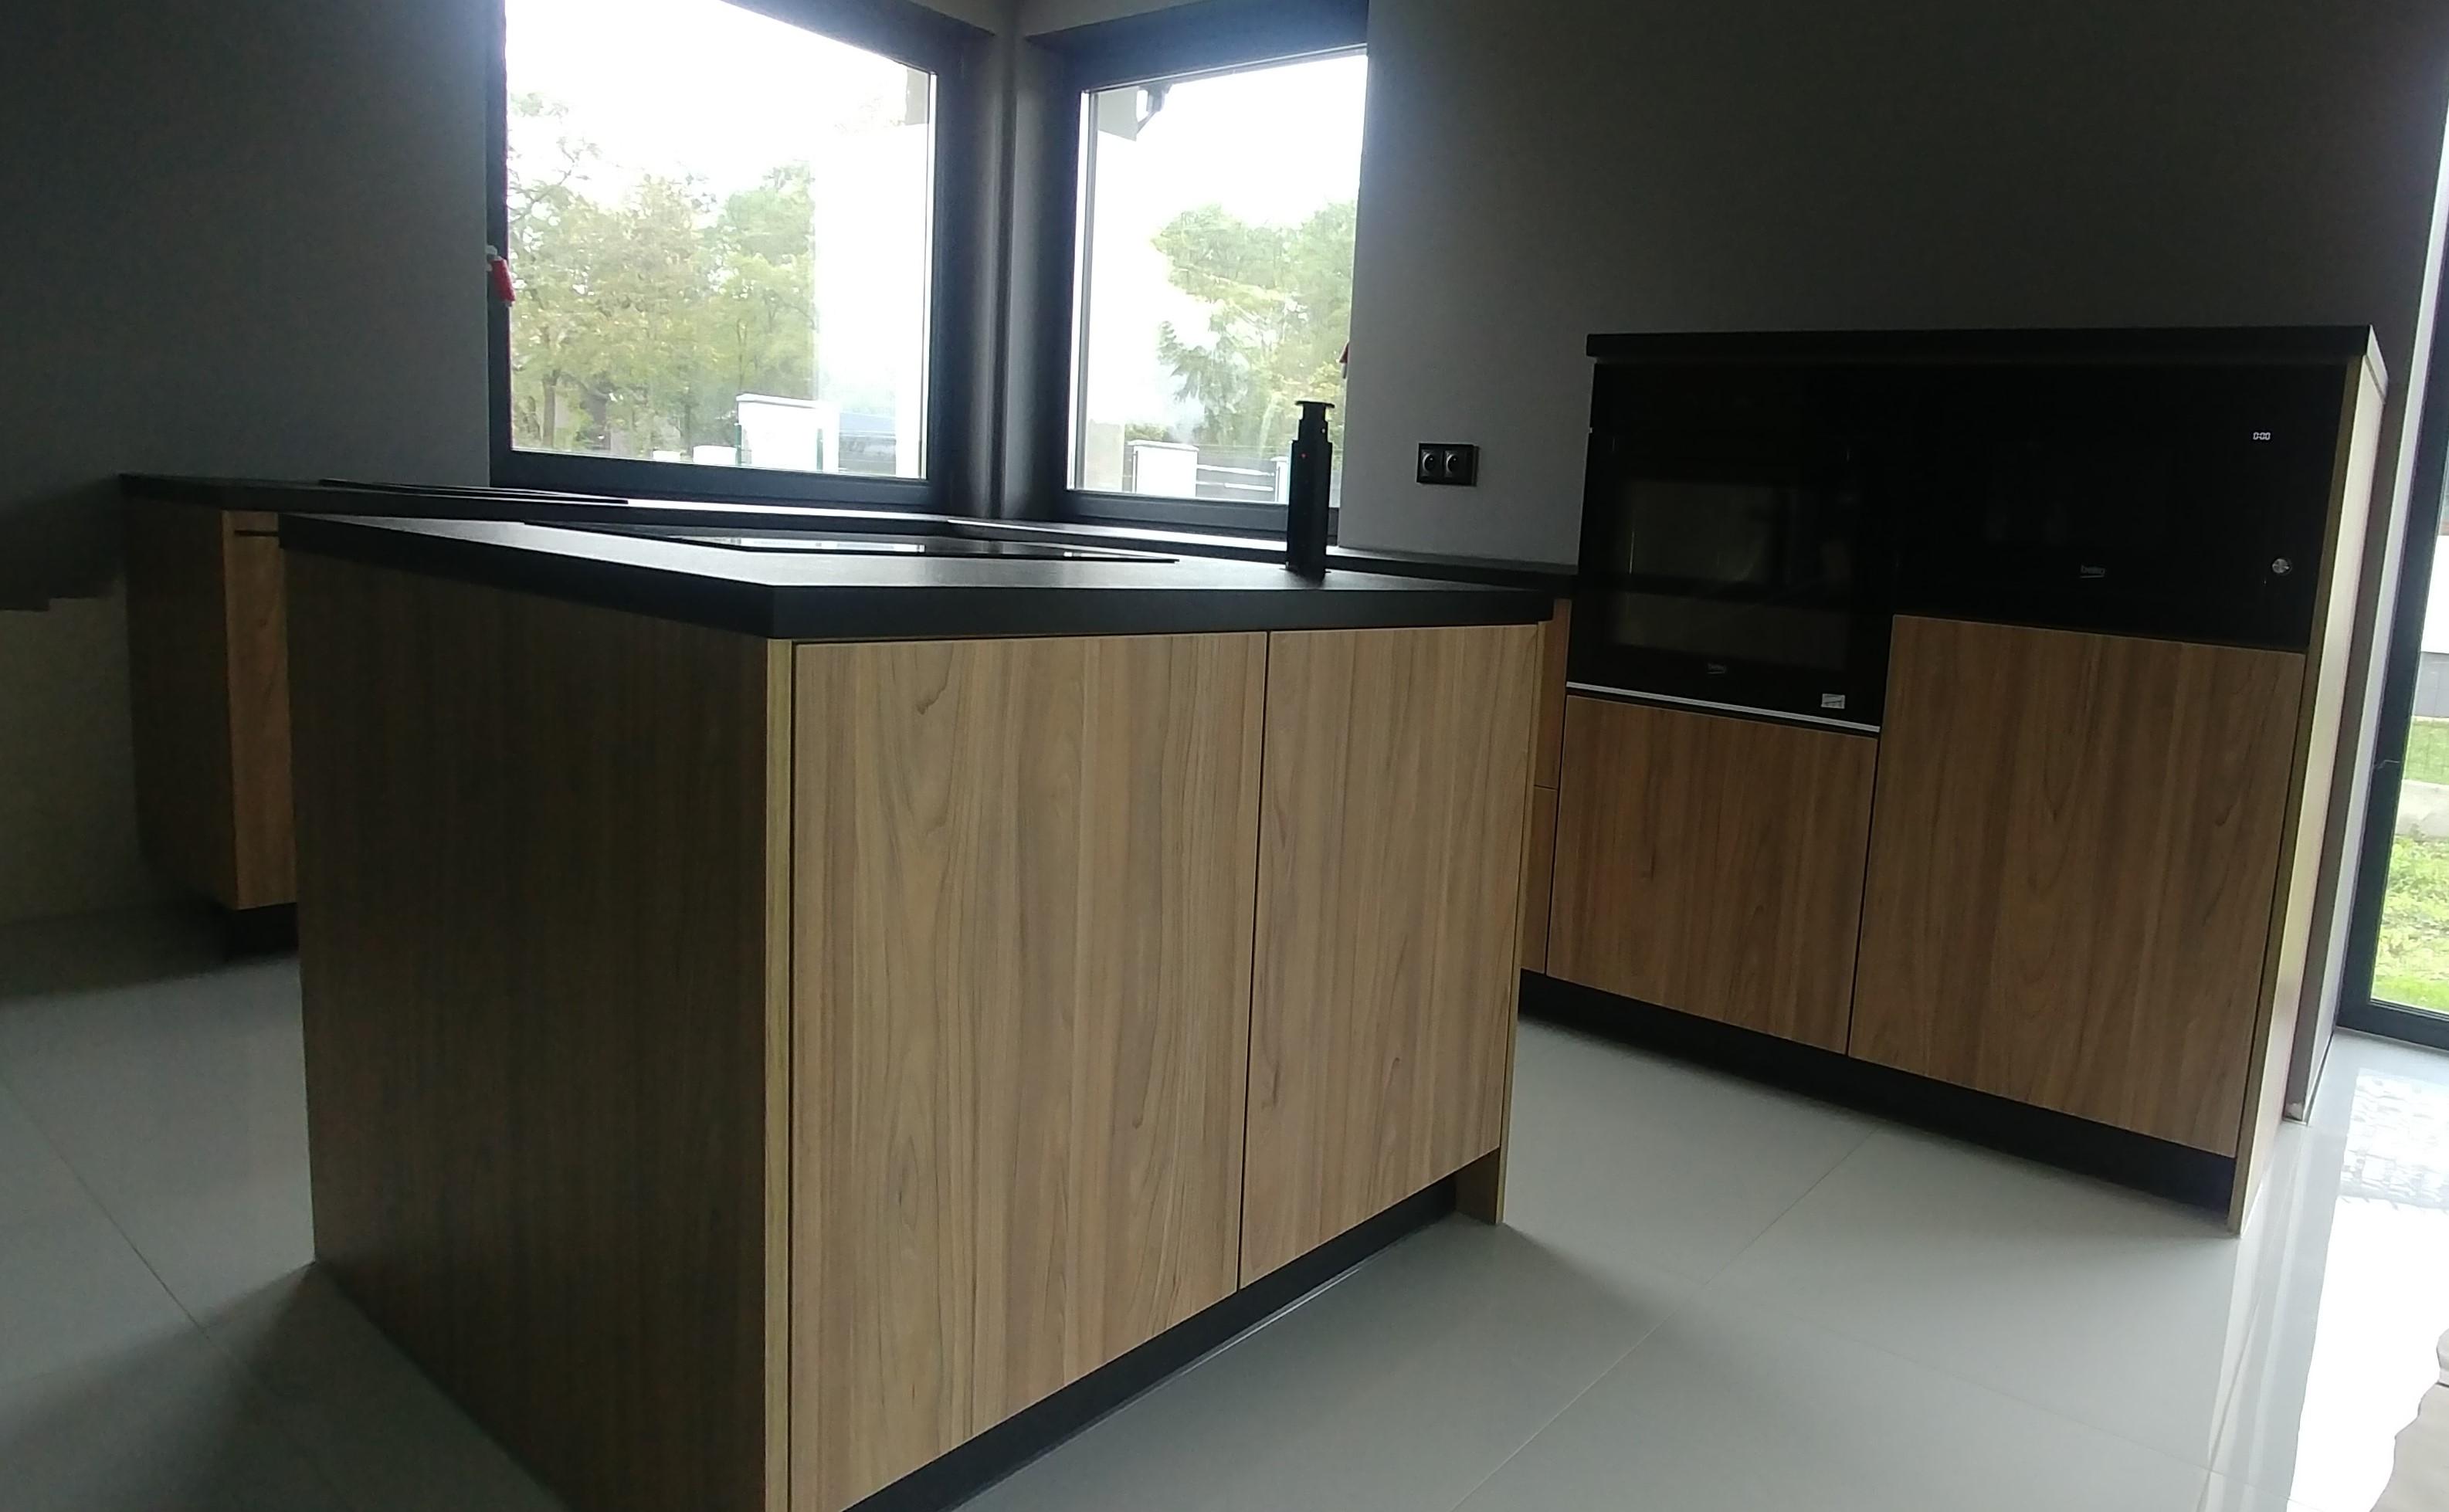 Ergonomia kuchni zachowana nawet w stosunkowo małym pomieszczeniu